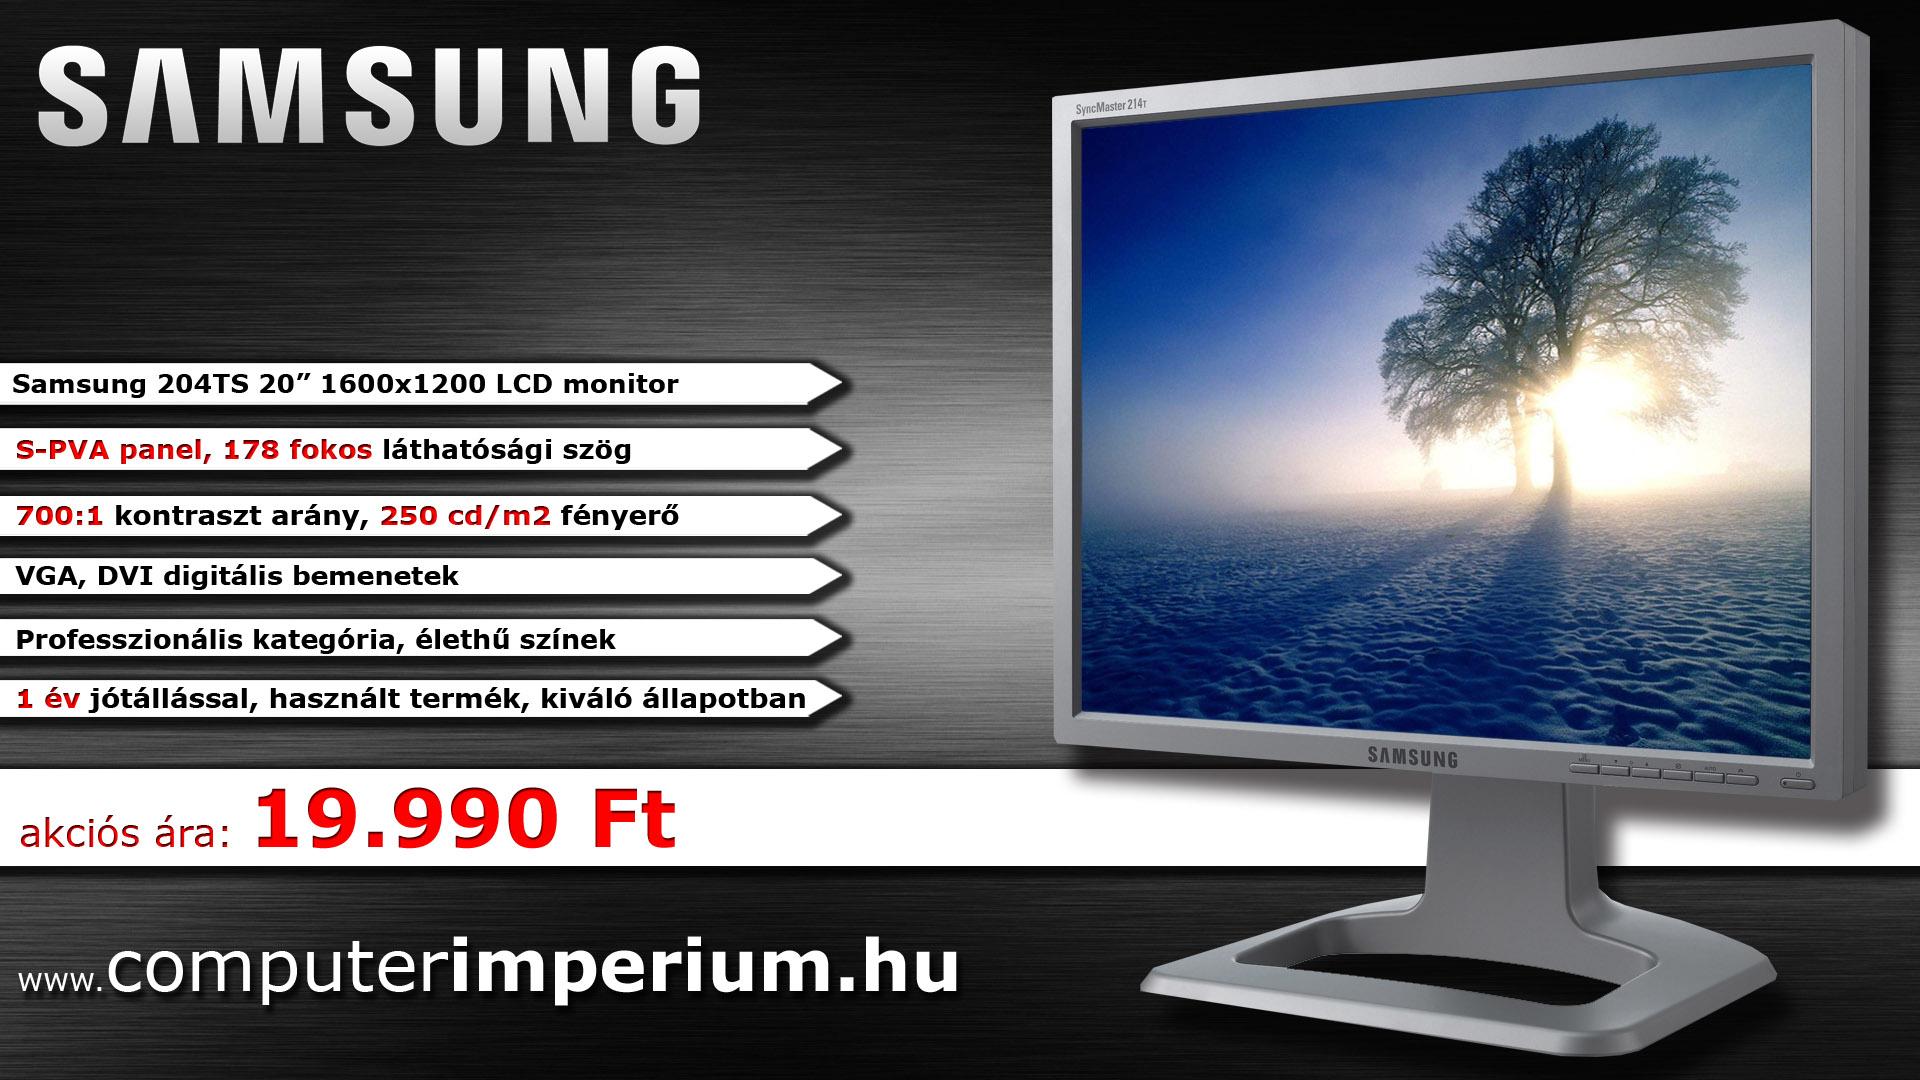 Samsung 940t